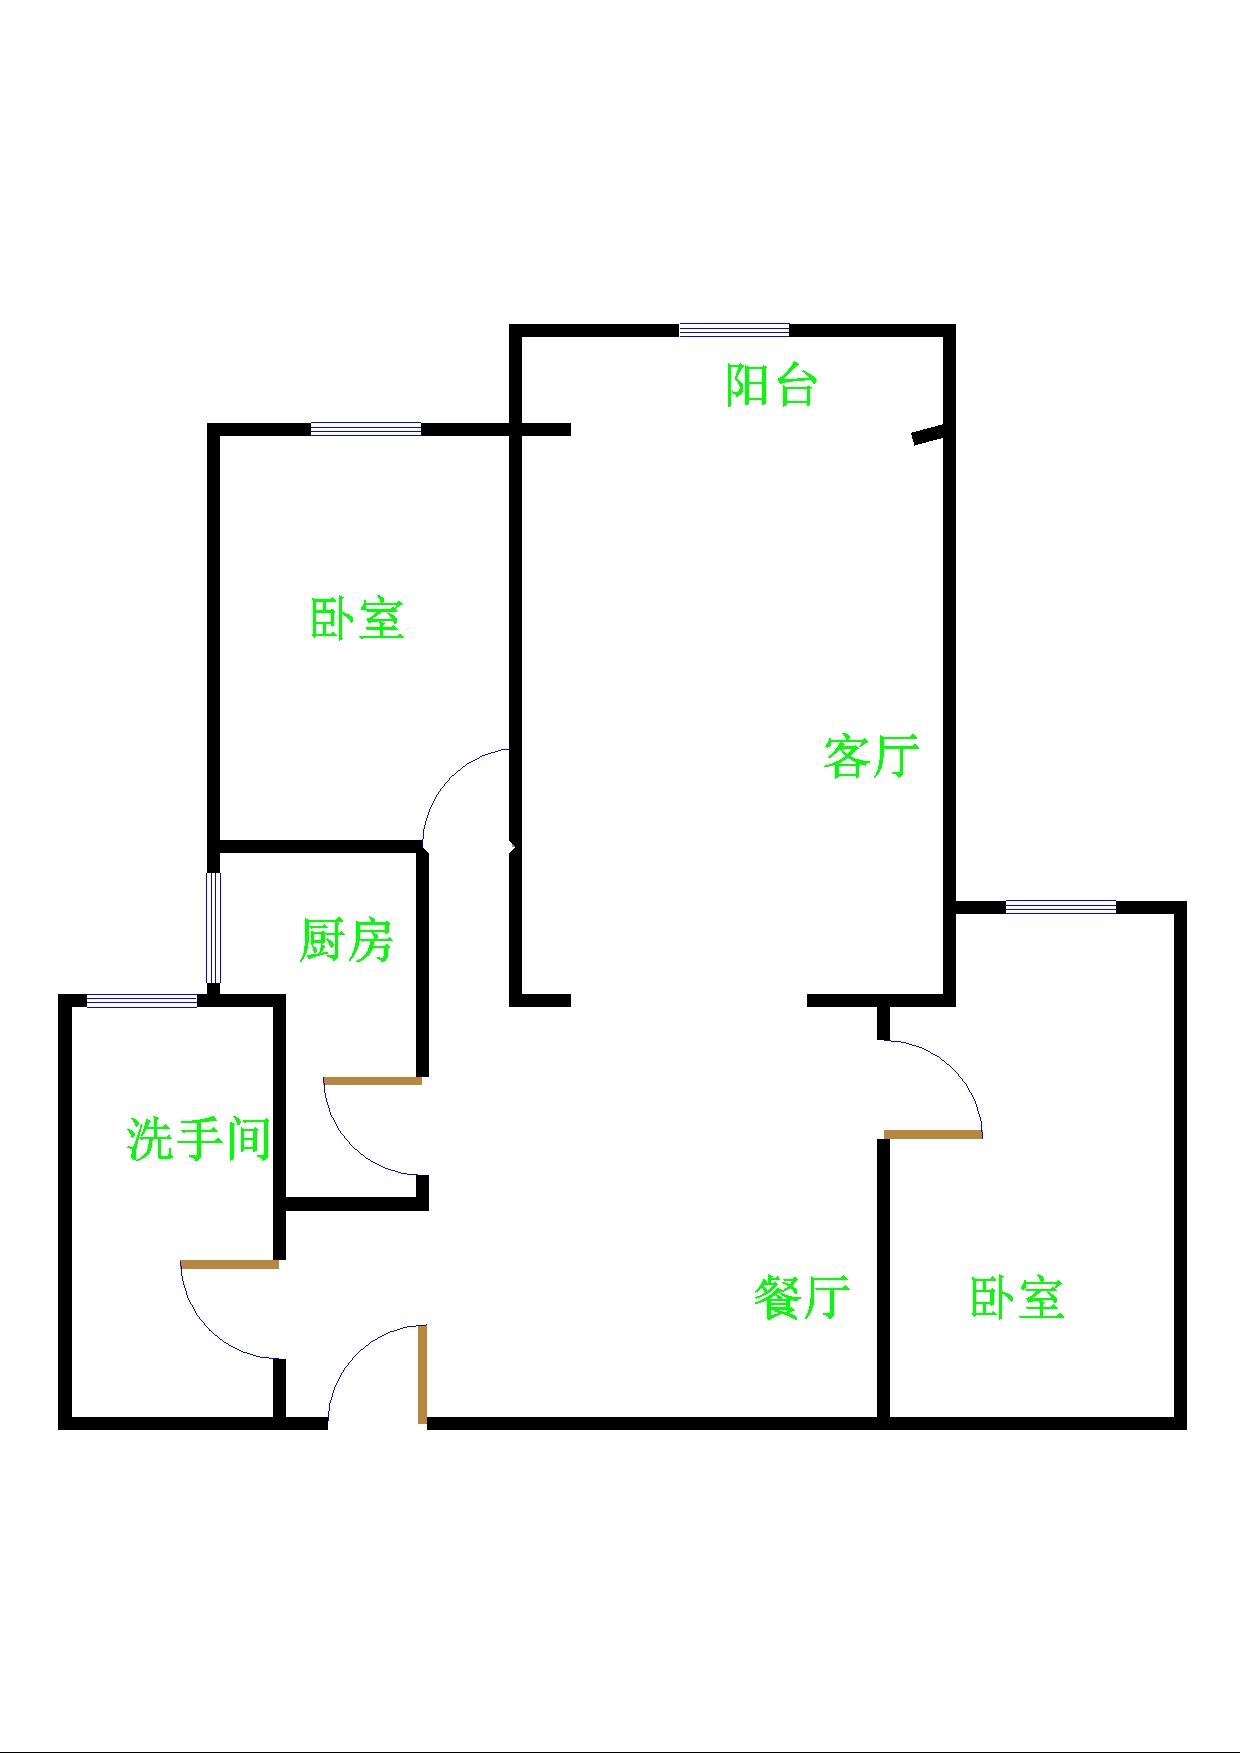 领秀天衢 2室2厅  简装 102万